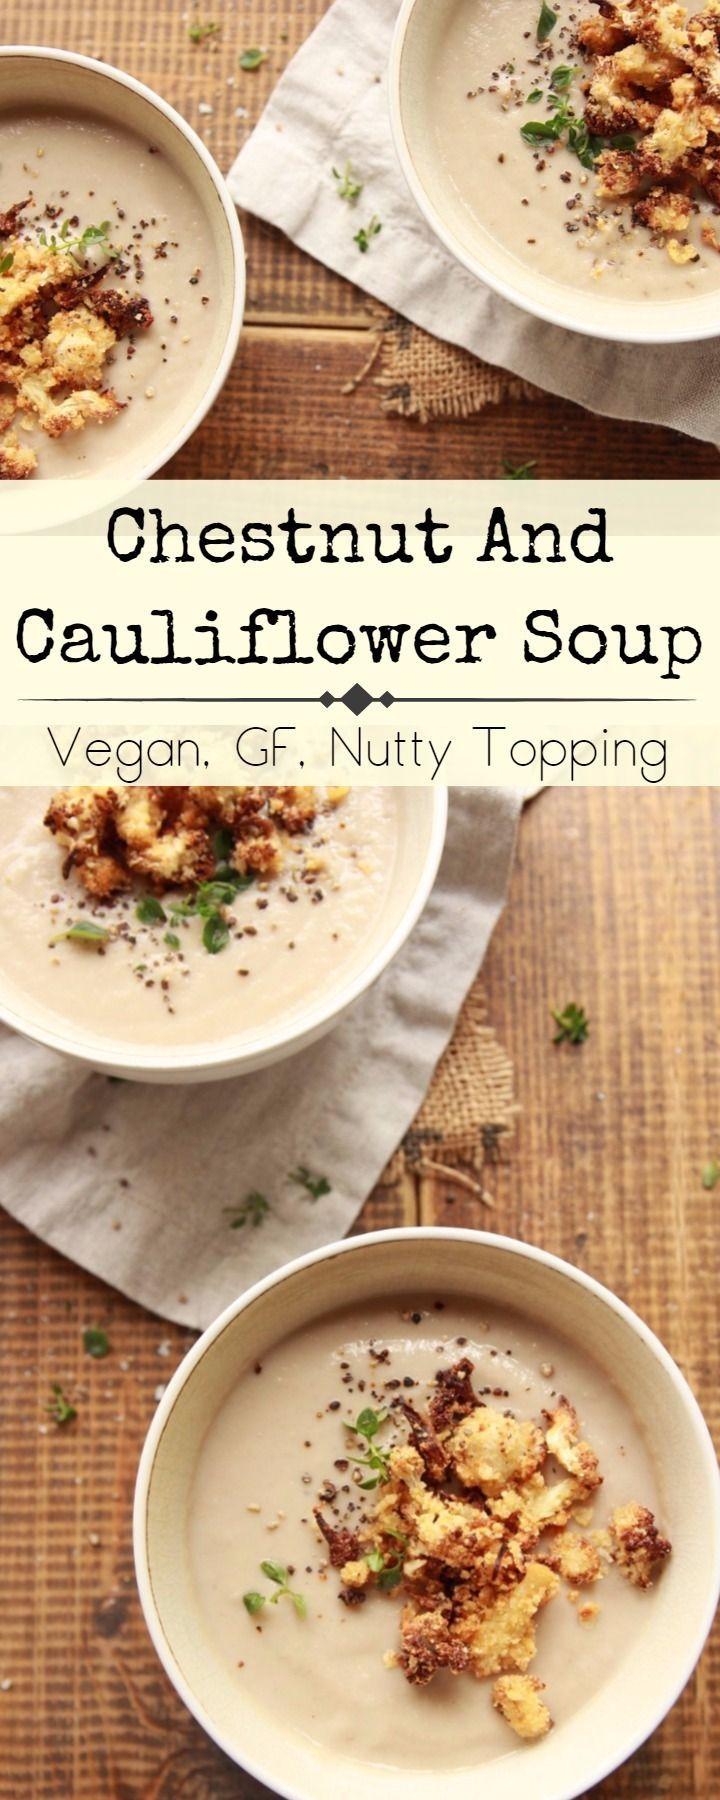 Creamy Chestnut And Cauliflower Soup Vegan Gluten Free